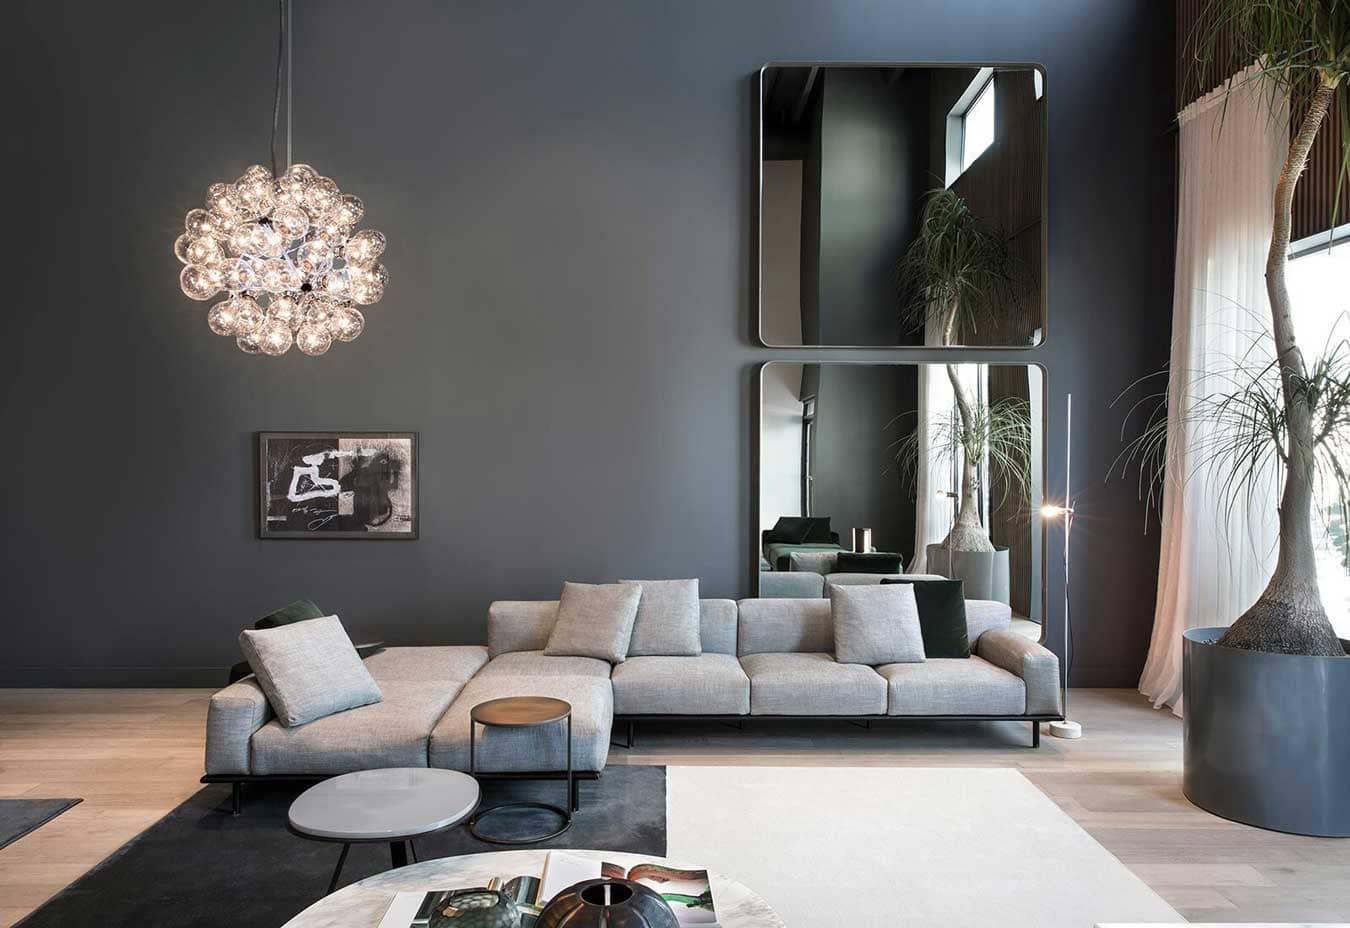 thiết kế nội thất đương đại đẹp từ Housedesign